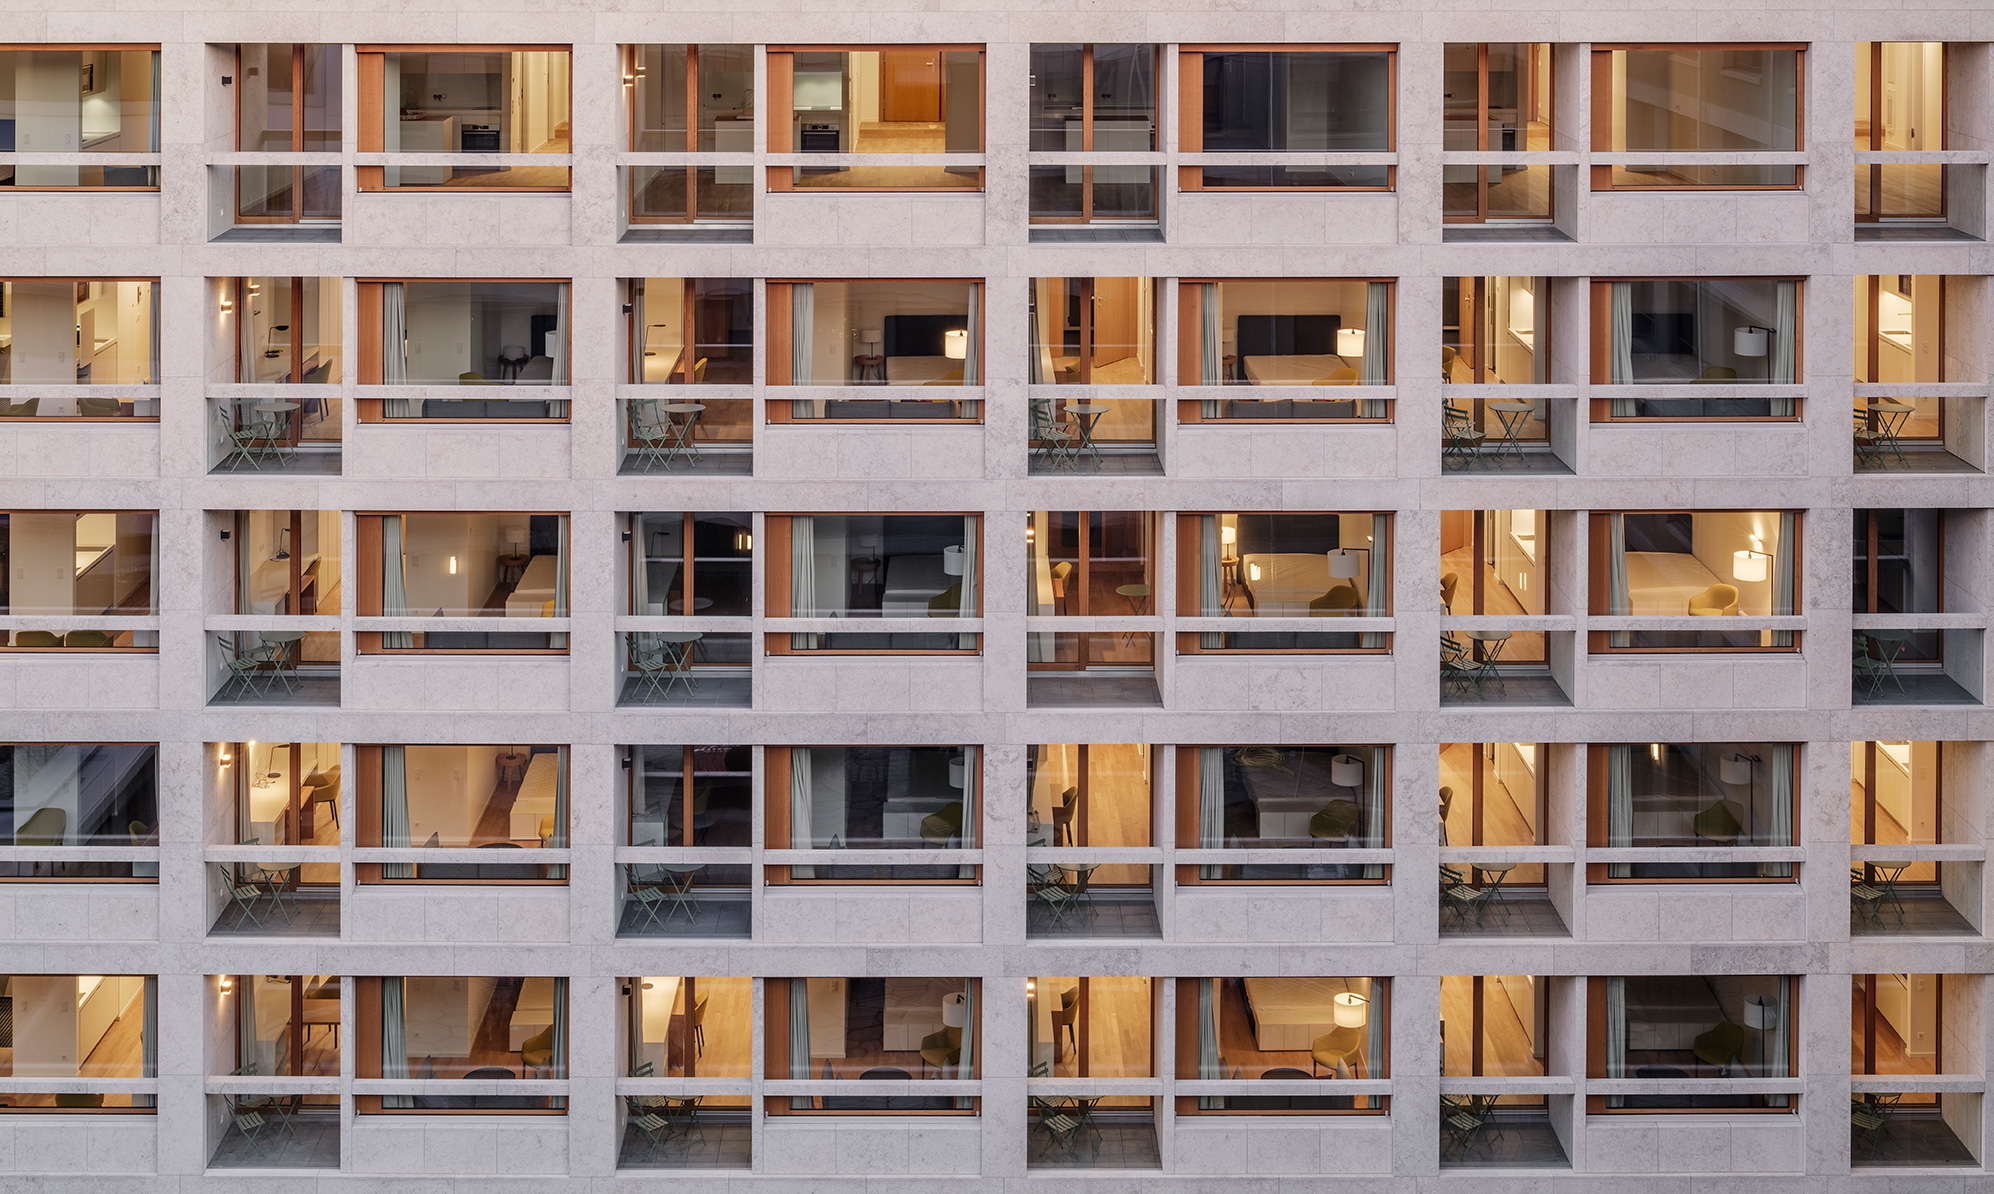 Schwabinger Carre Ansicht dreisterneplus Architektur München